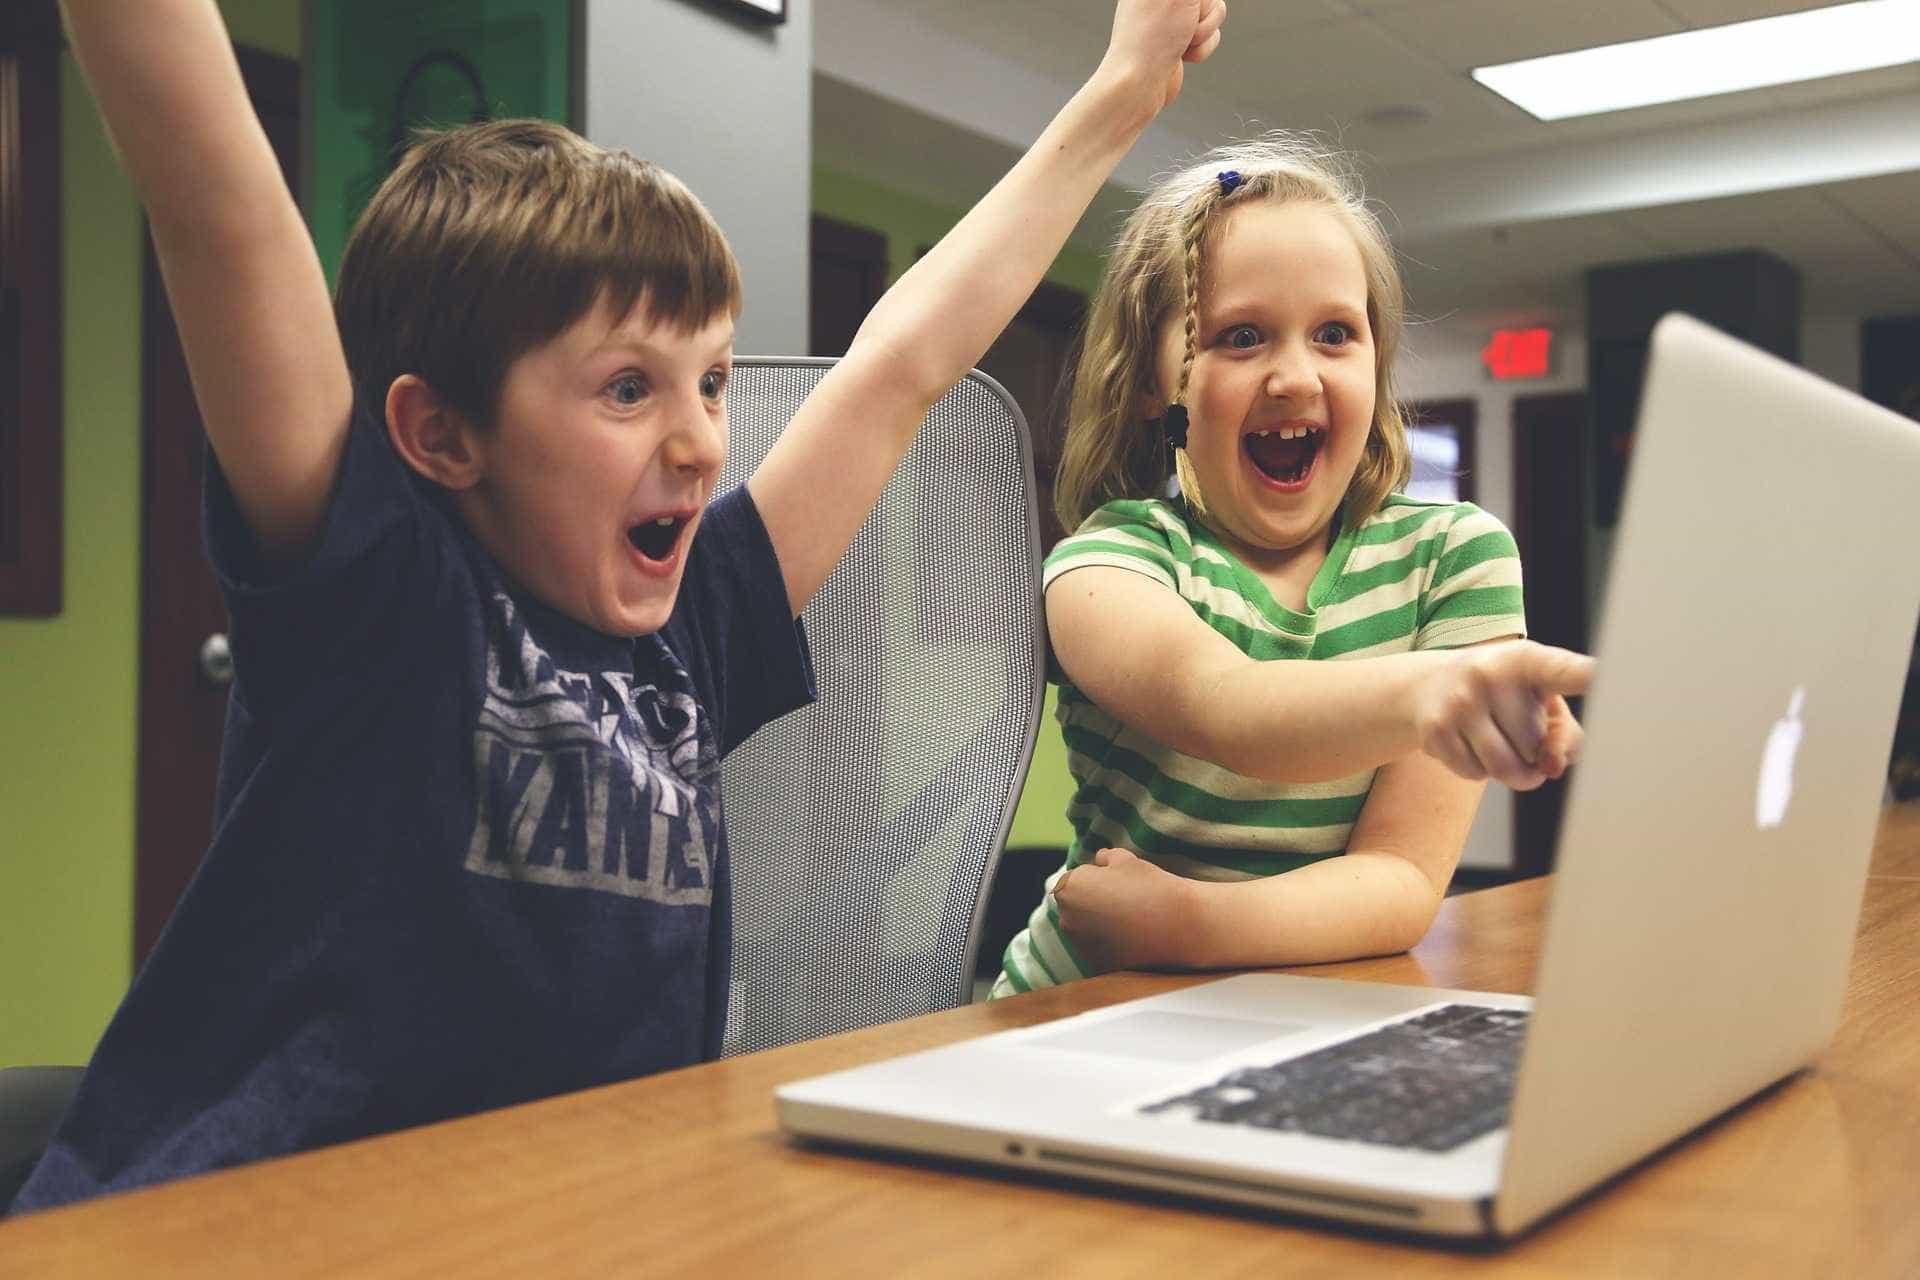 Quase metade das crianças gastam mais de 3 horas diárias no YouTube